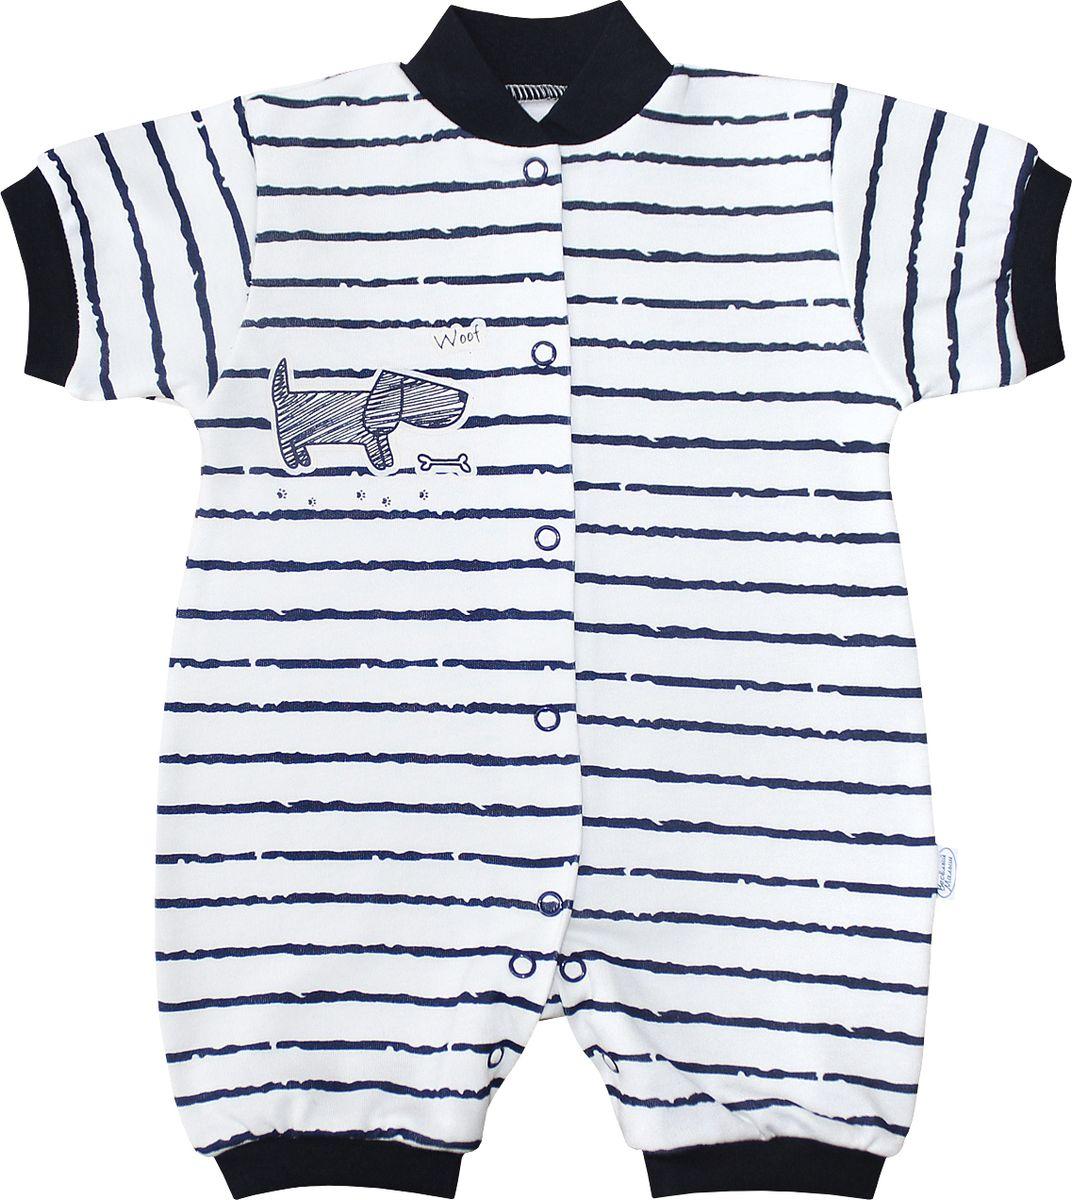 Песочник для мальчика Веселый малыш Верные друзья, цвет: белый, темно-синий. 52322/вд-E (1). Размер 80 веселый малыш песочник спелая вишня 52322